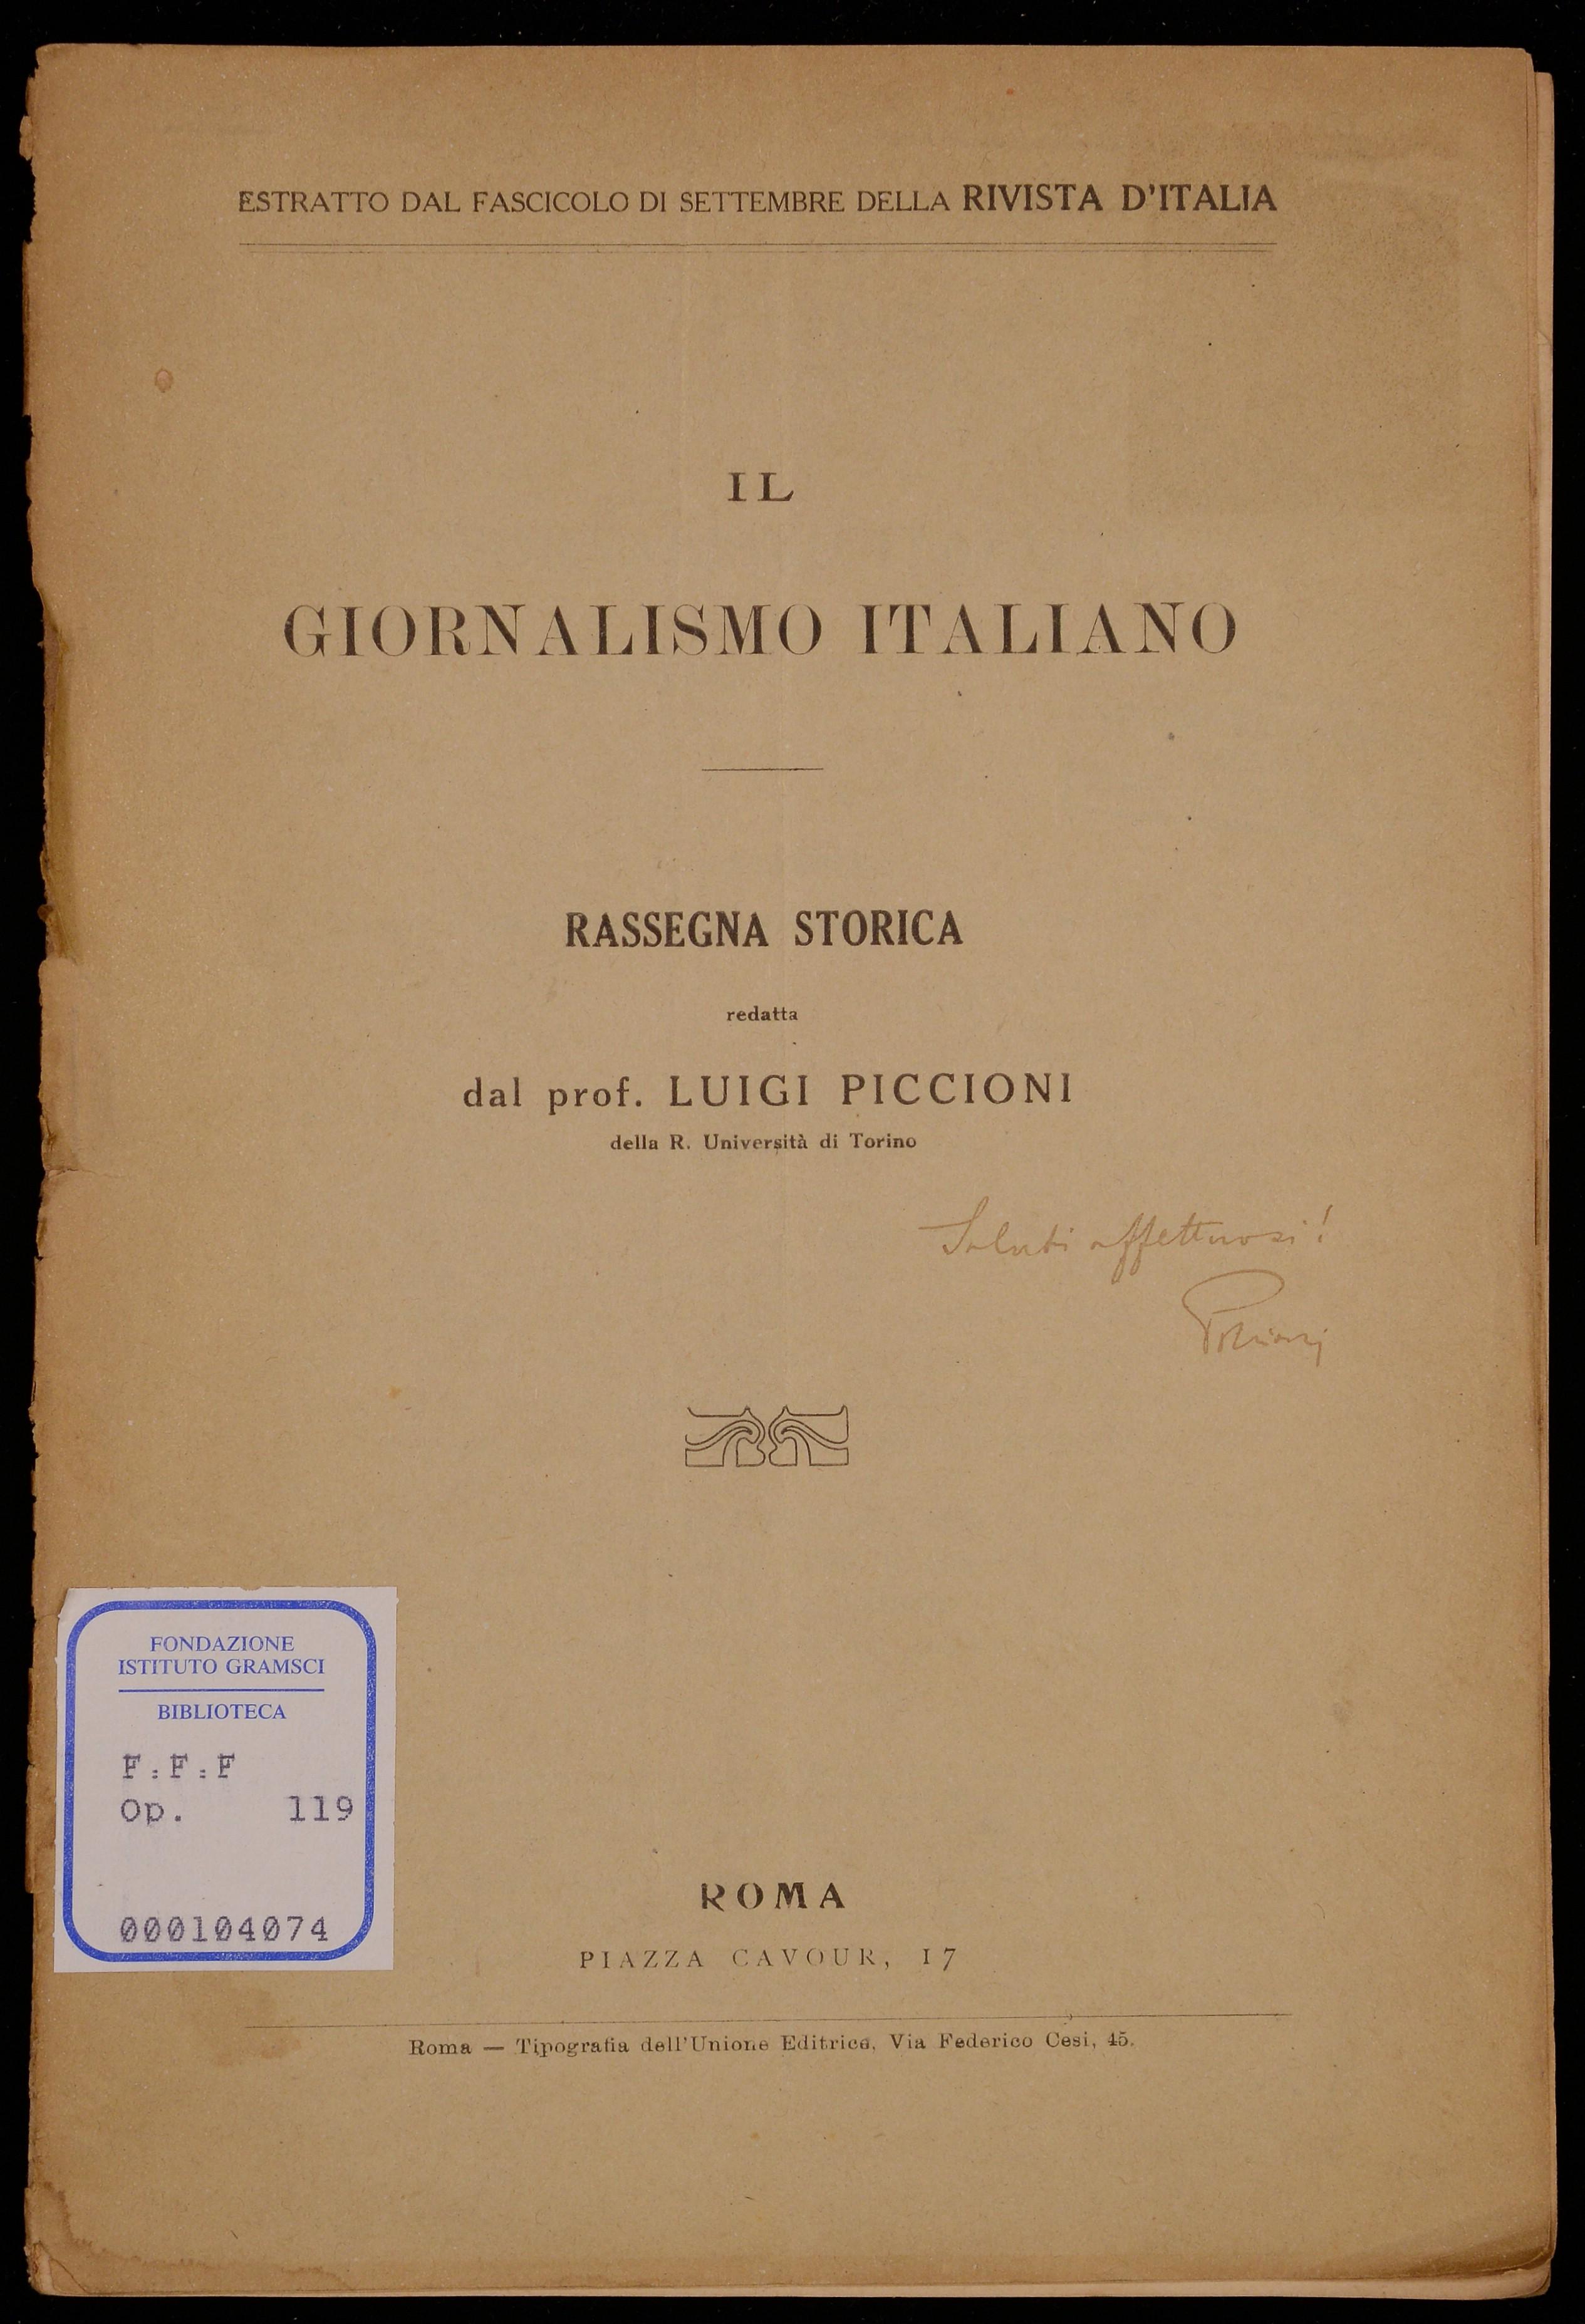 Il giornalismo italiano